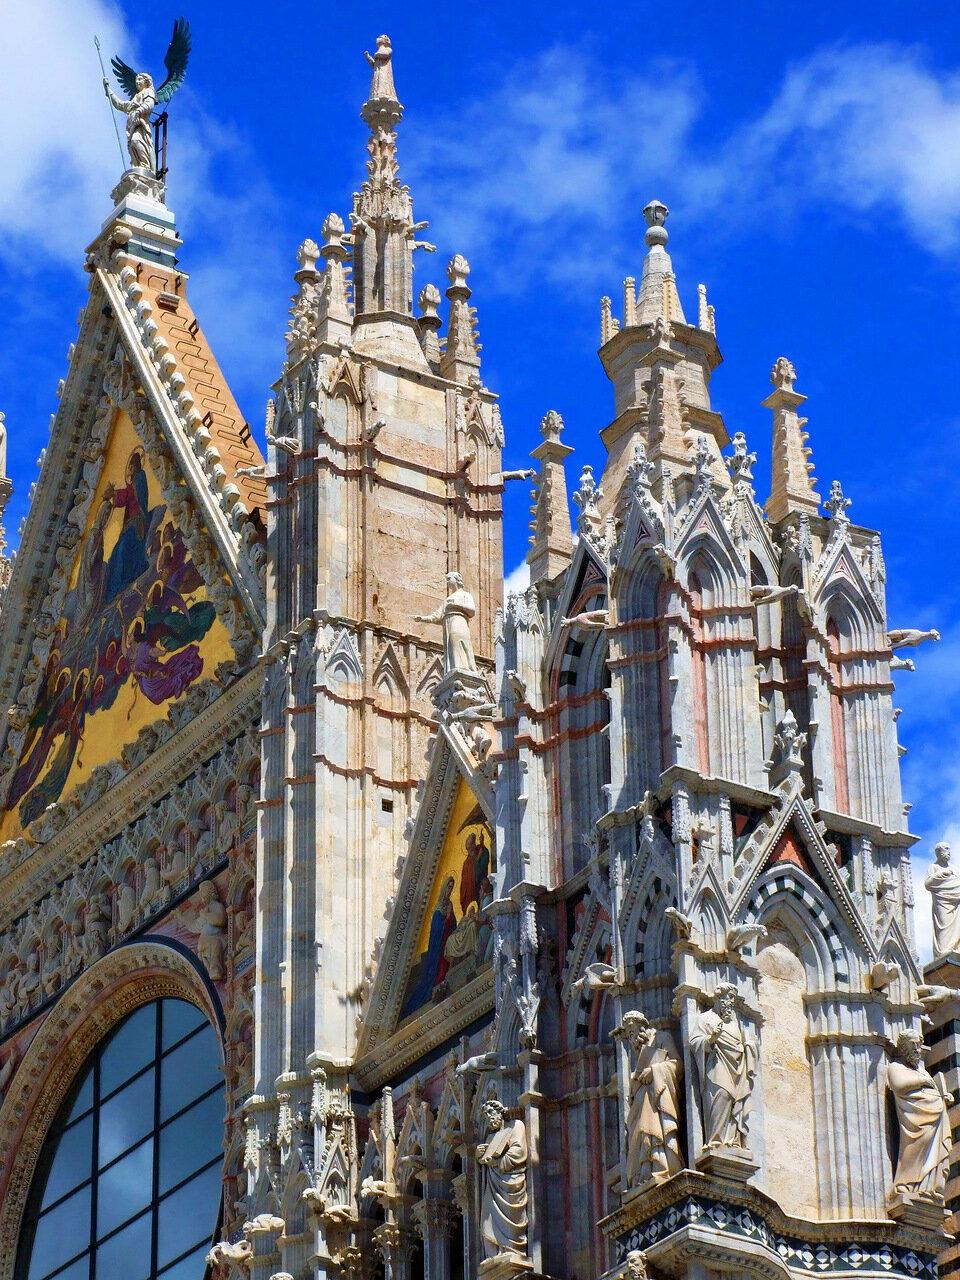 Скульптурные композиции на стенах Кафедрального Собора (Сattedrale di Santa Maria Assunta; Duomo di Siena)